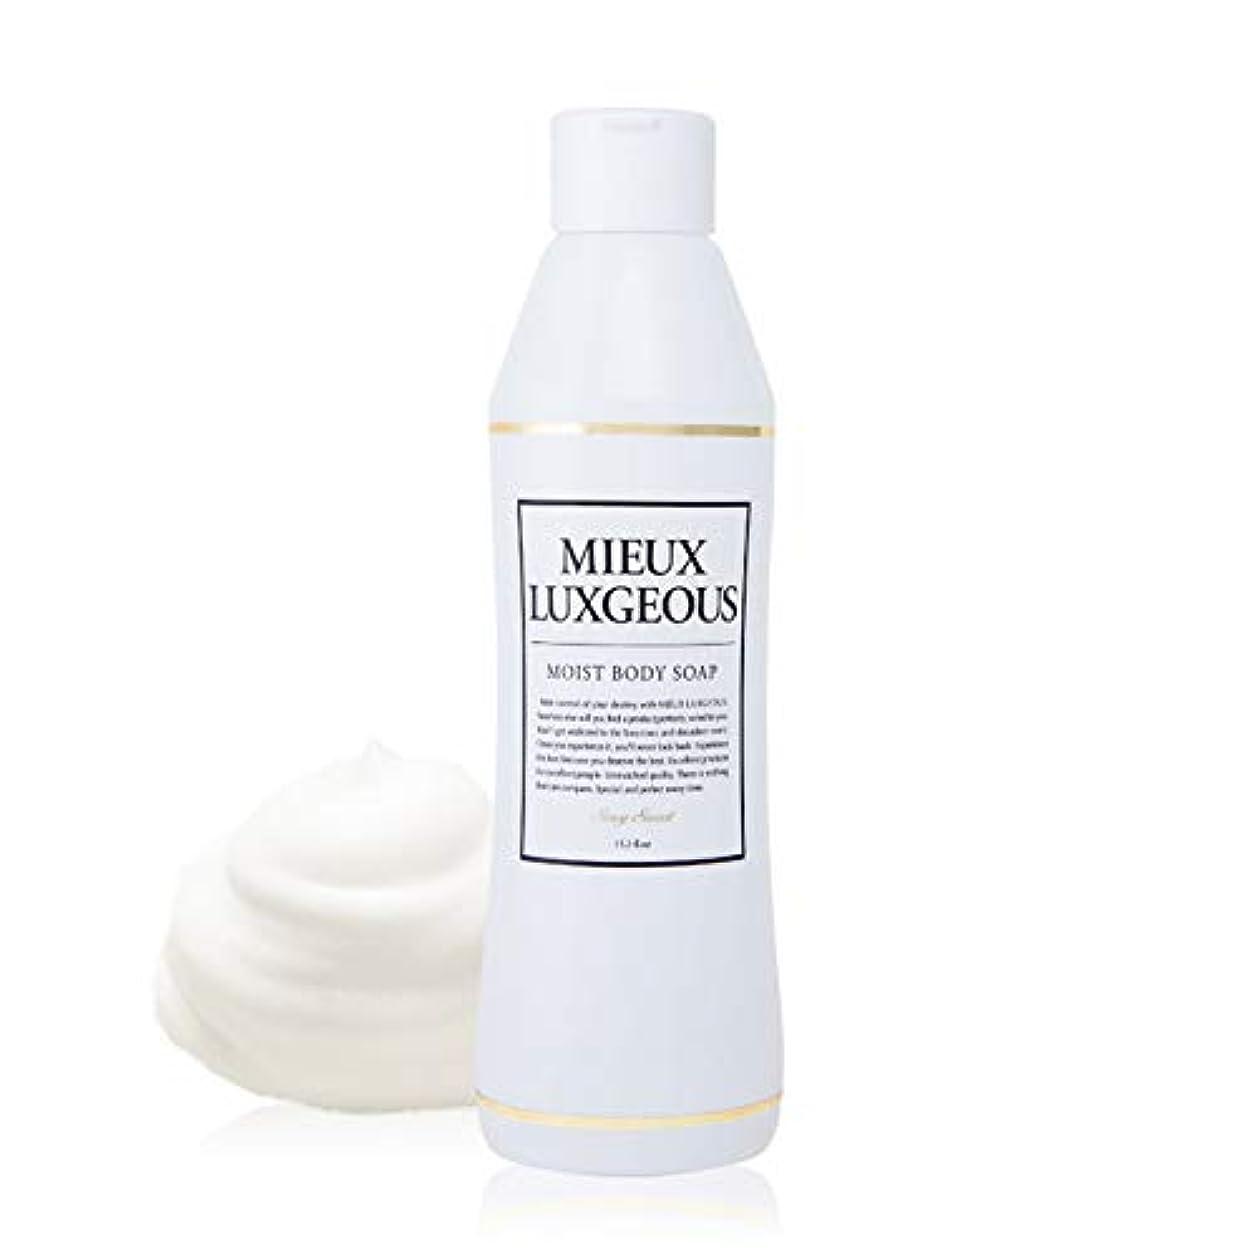 モナリザクリーク調停するミューラグジャス モイストボディソープ MOIST BODY SOAP - Sexy Sweetの香り